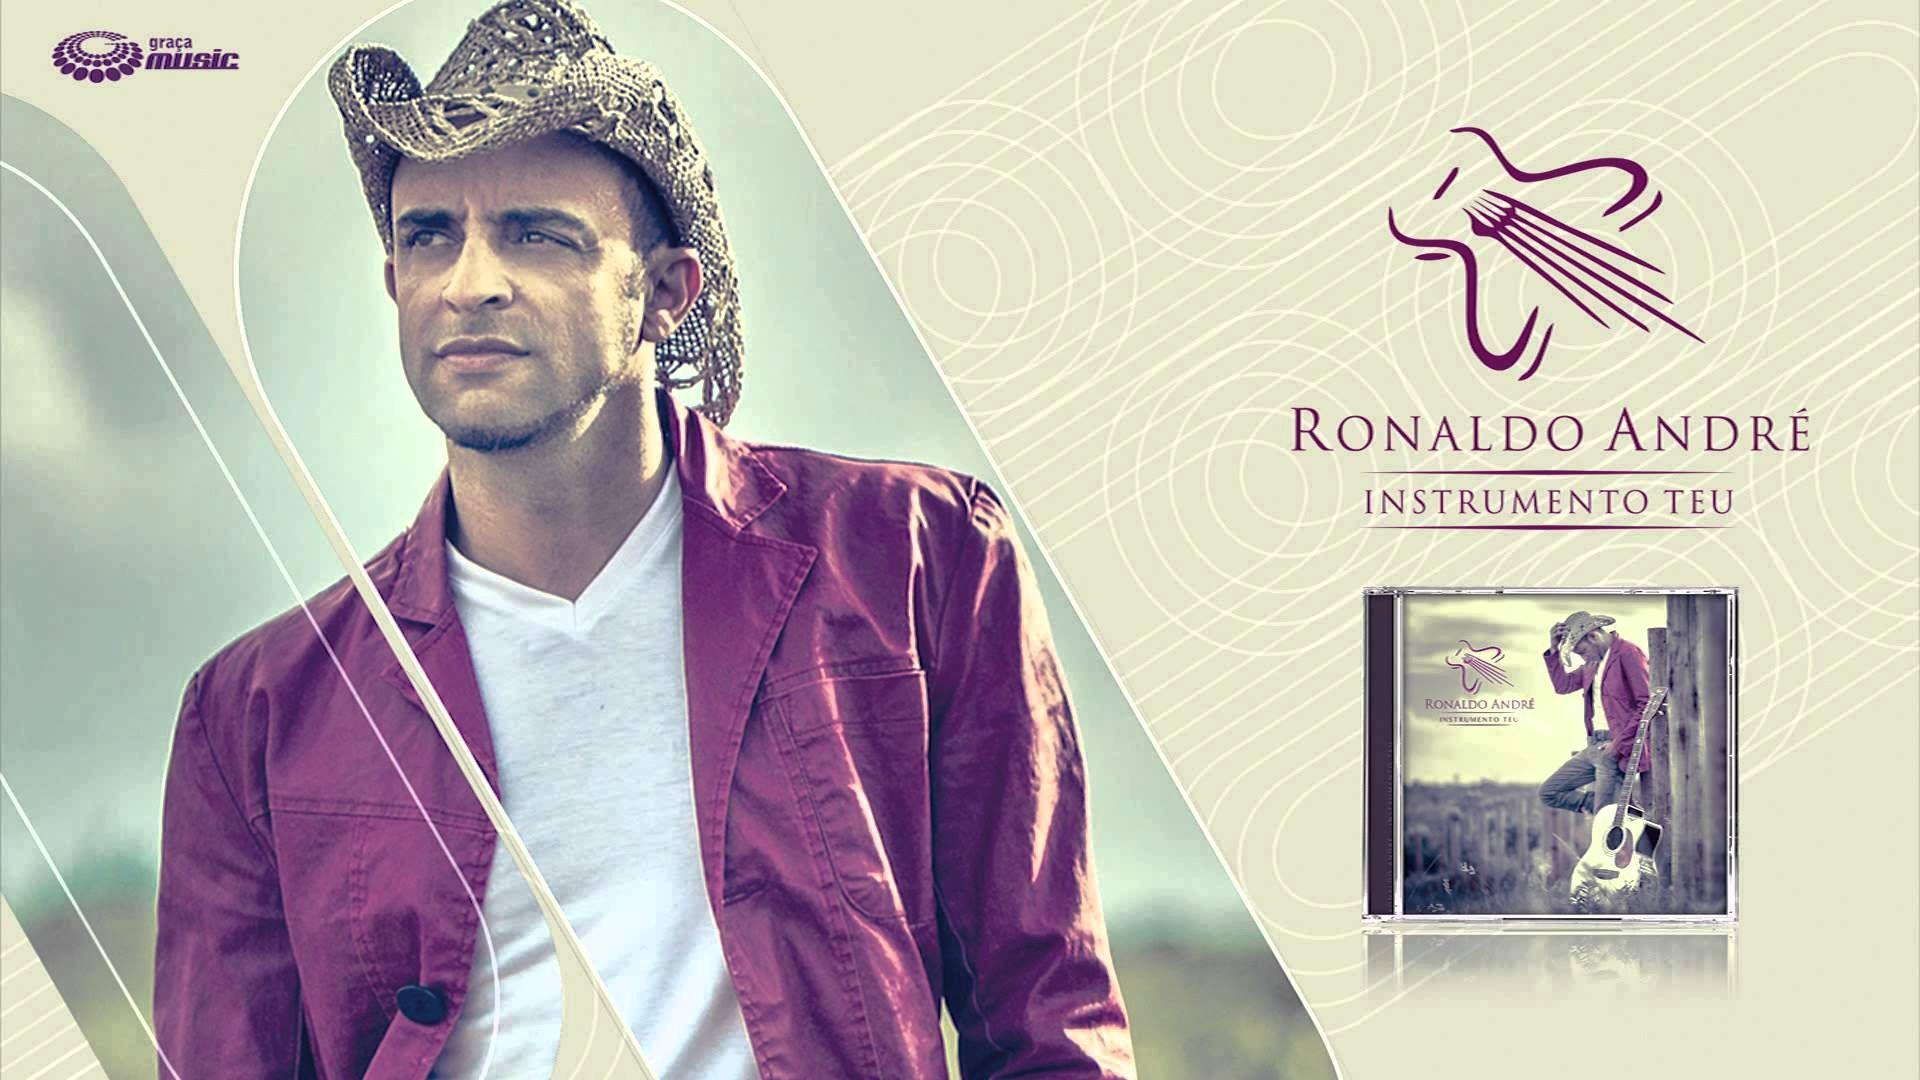 Ronaldo Andre Agindo Deus Graca Music Com Imagens Musica